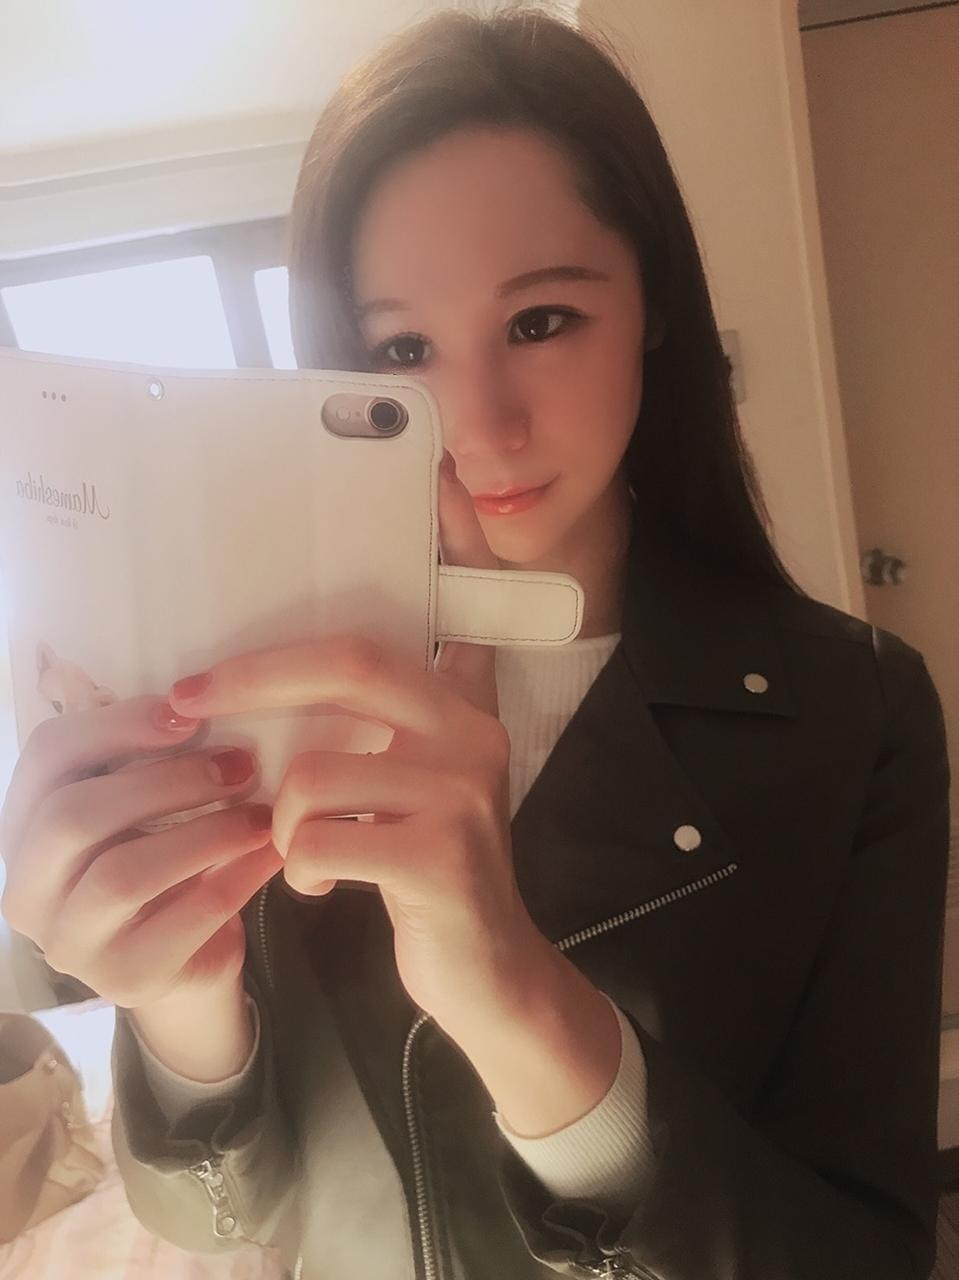 「残り3日!」10/14(10/14) 11:08 | Rei(れい)の写メ・風俗動画